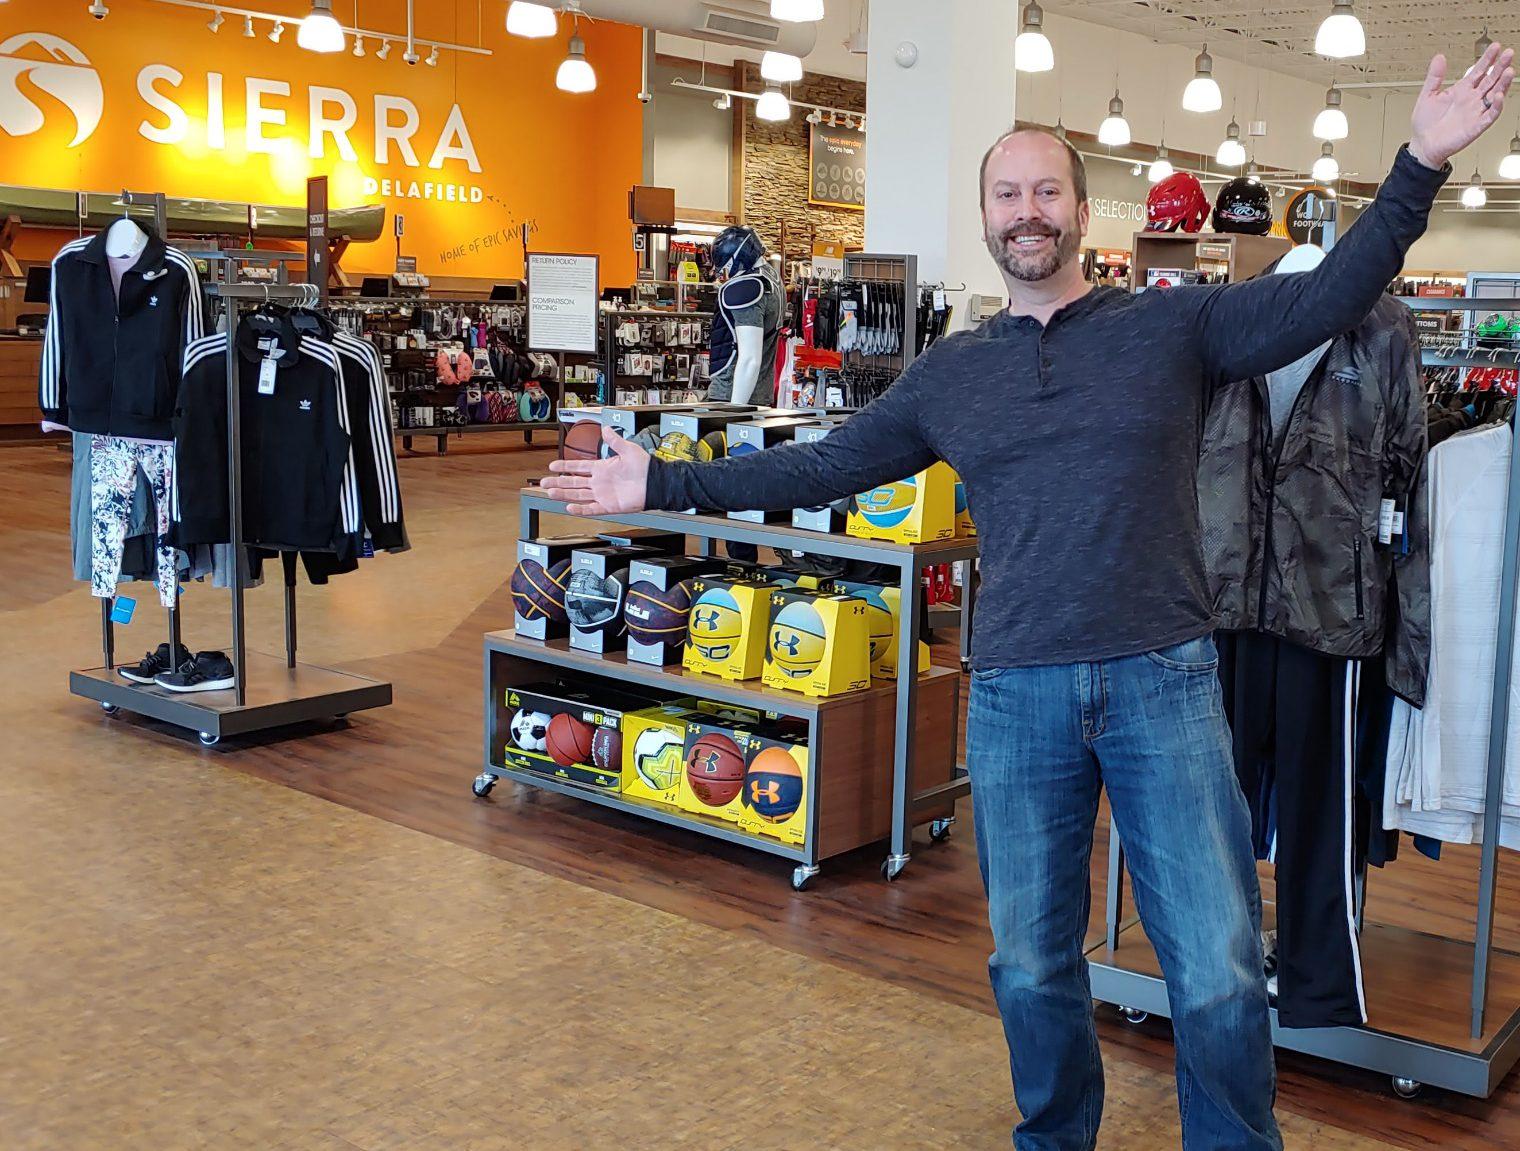 TJ Maxx staff in a store